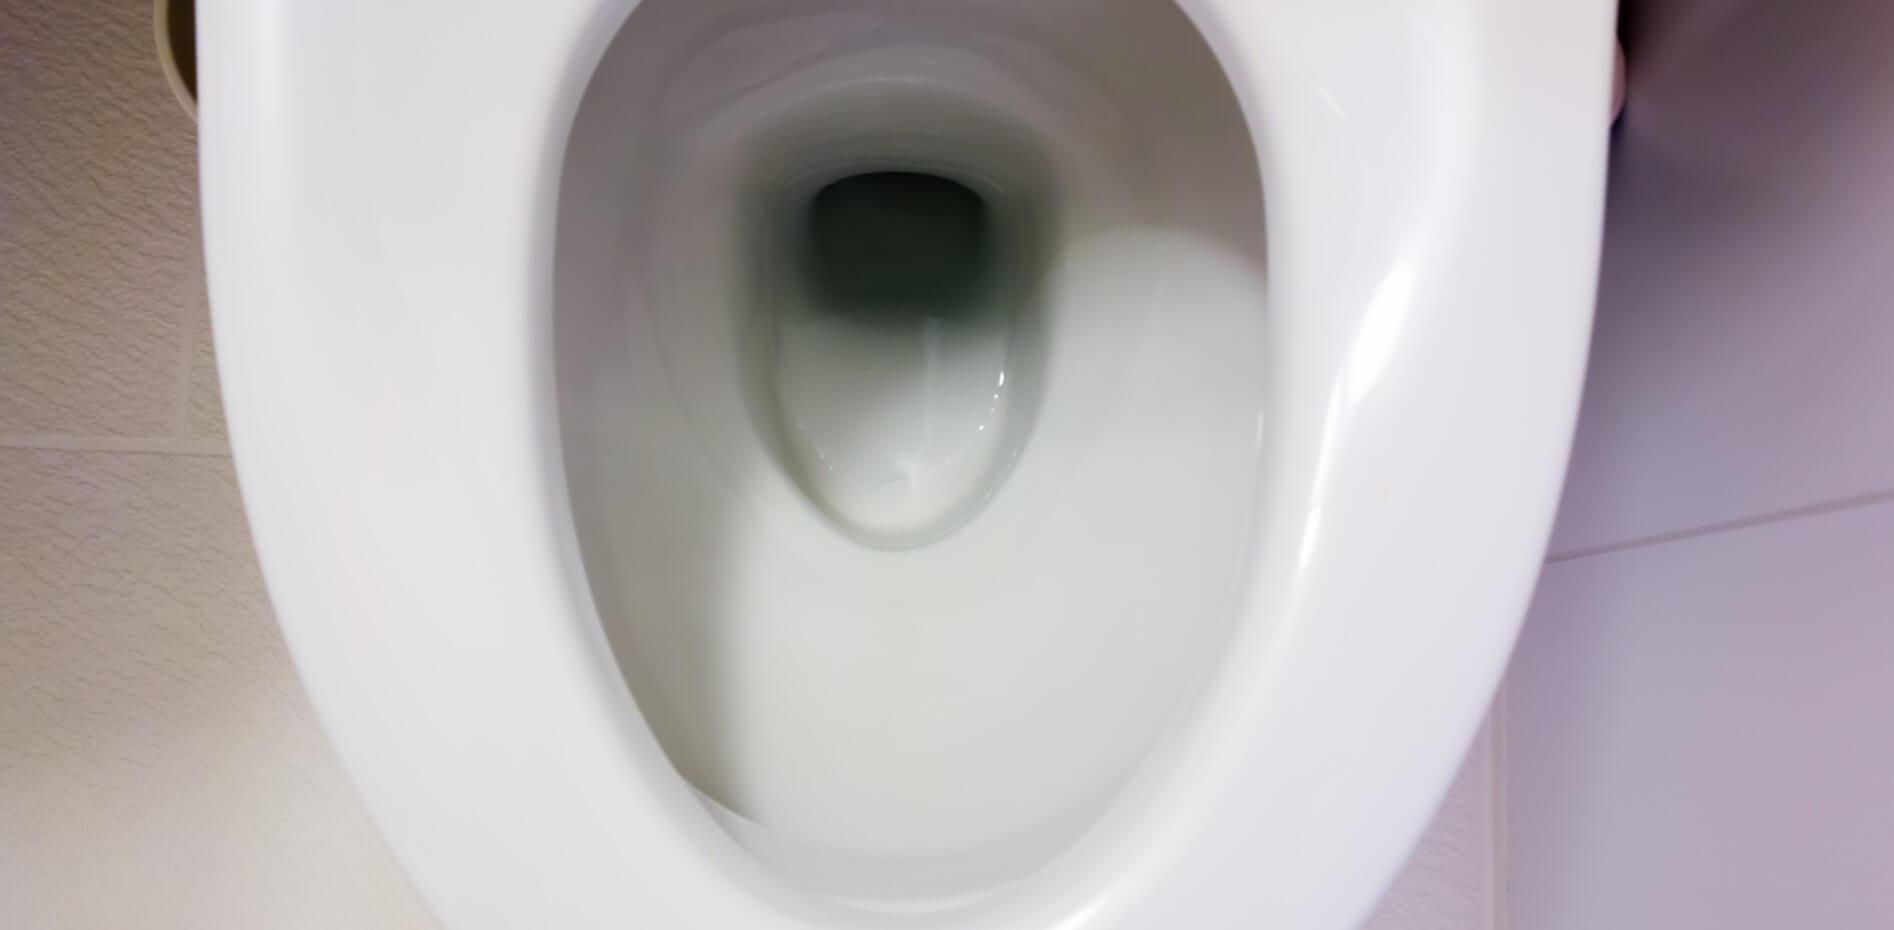 トイレつまりなど水まわりのつまりトラブルはザットマンにお任せください